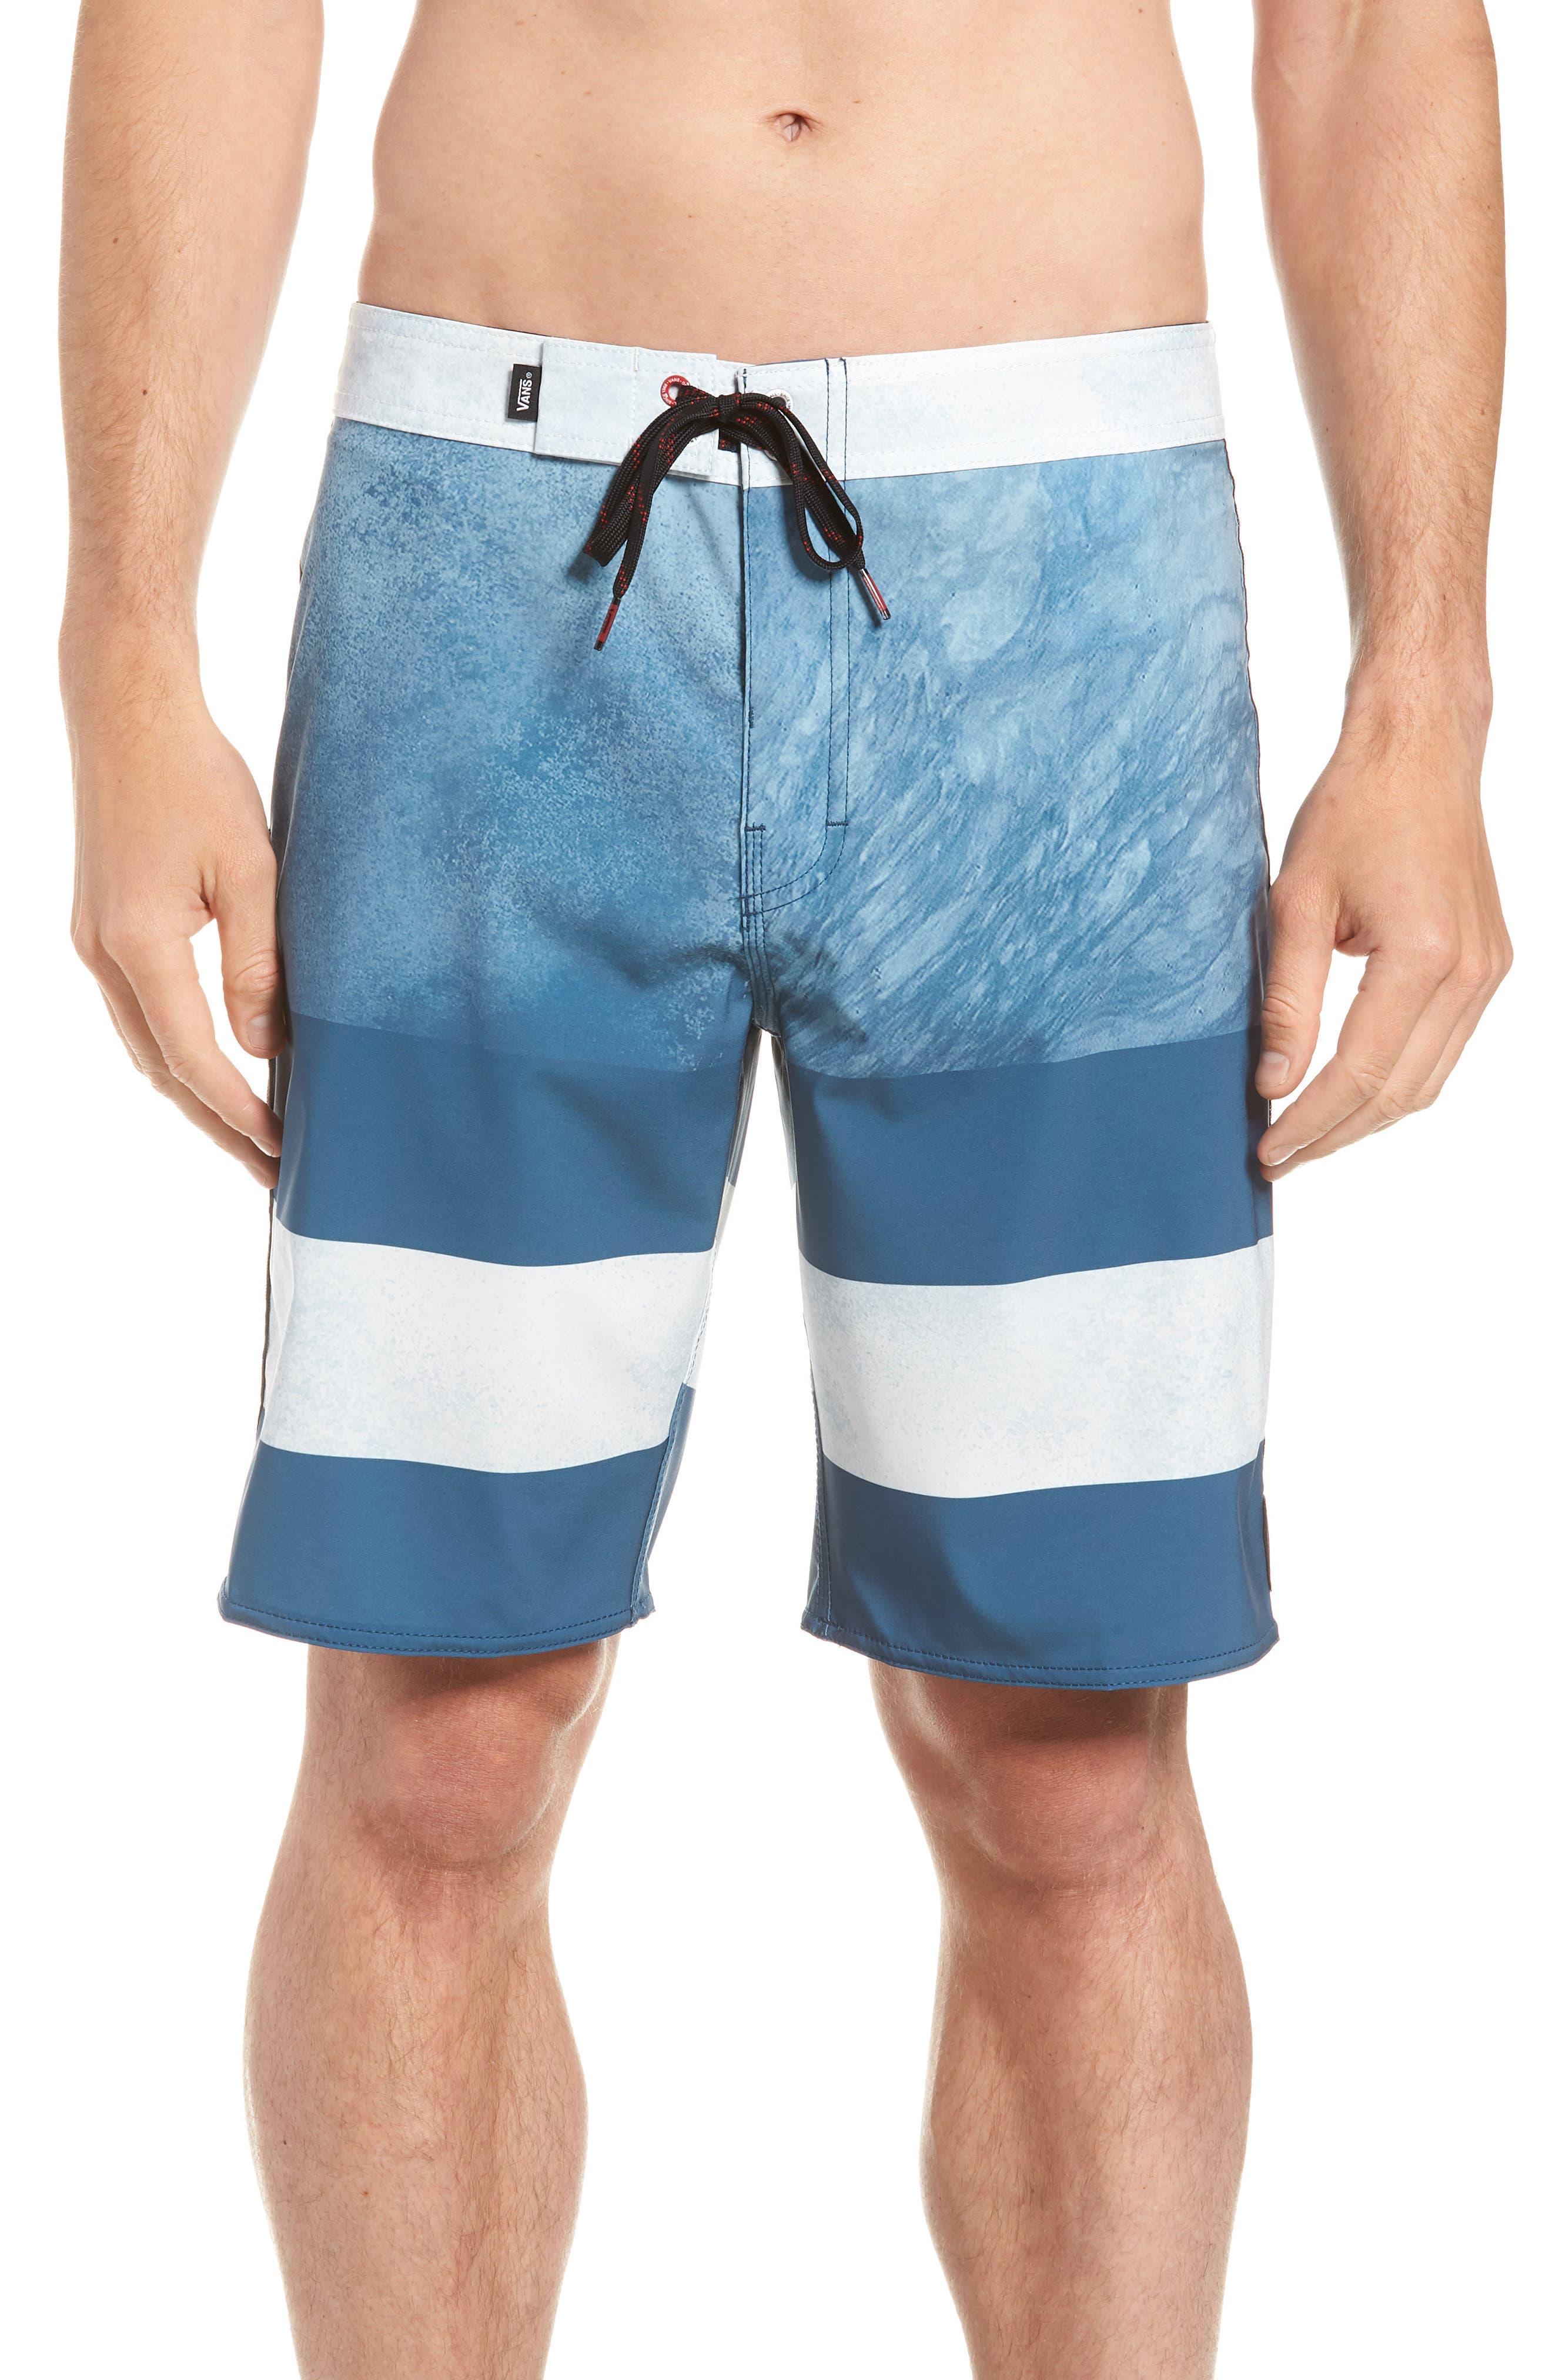 Era Board Shorts,                             Main thumbnail 1, color,                             Real Teal/ Nathan Florence